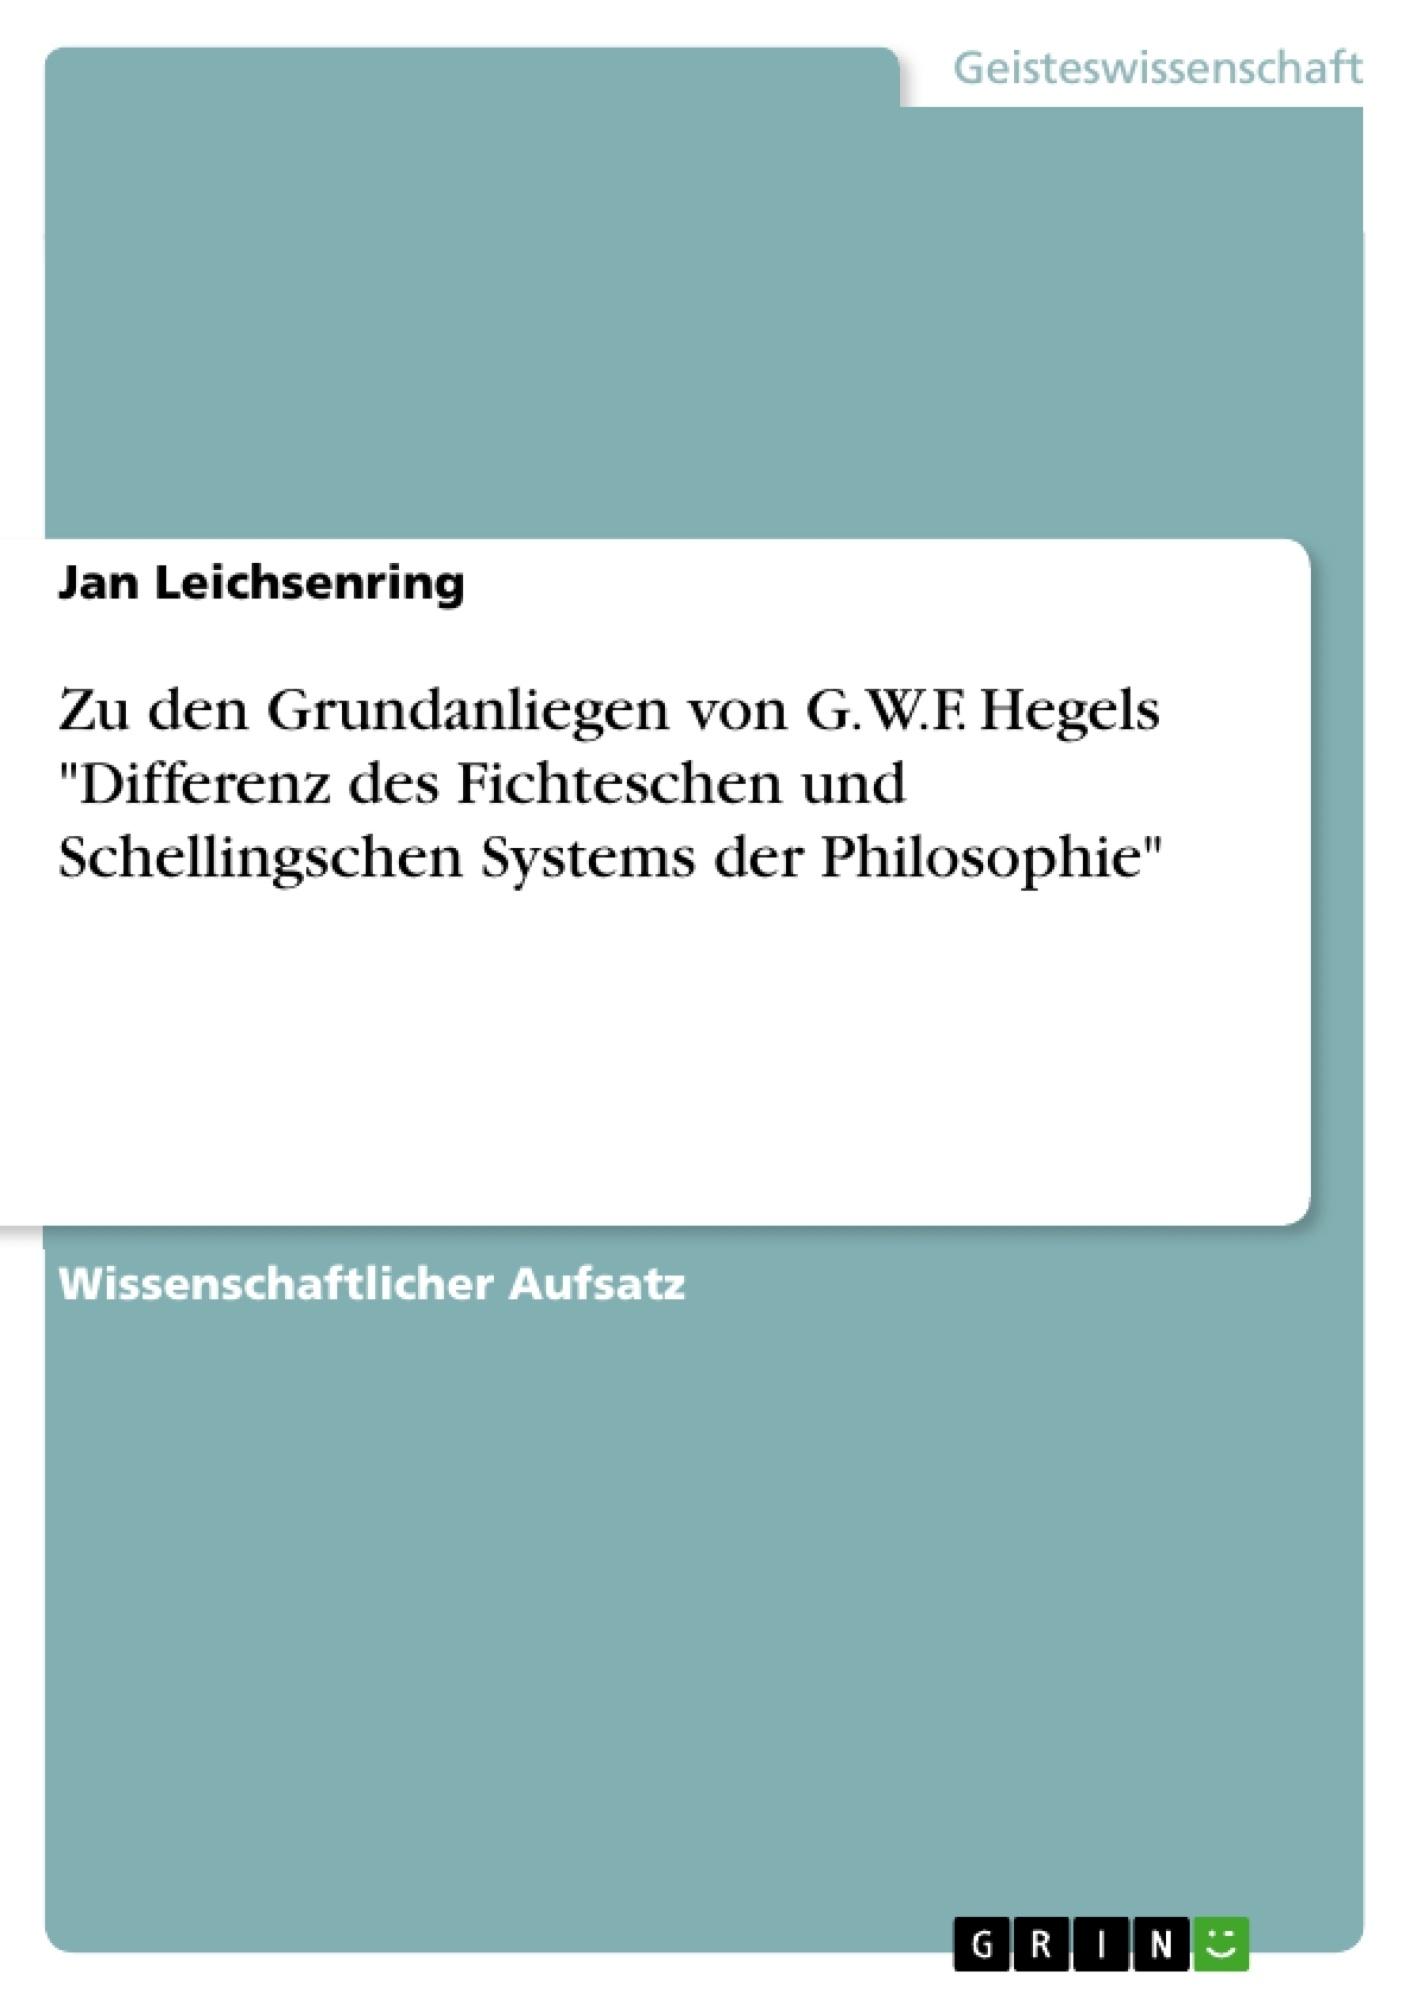 """Titel: Zu den Grundanliegen von G.W.F. Hegels """"Differenz des Fichteschen und Schellingschen Systems der Philosophie"""""""